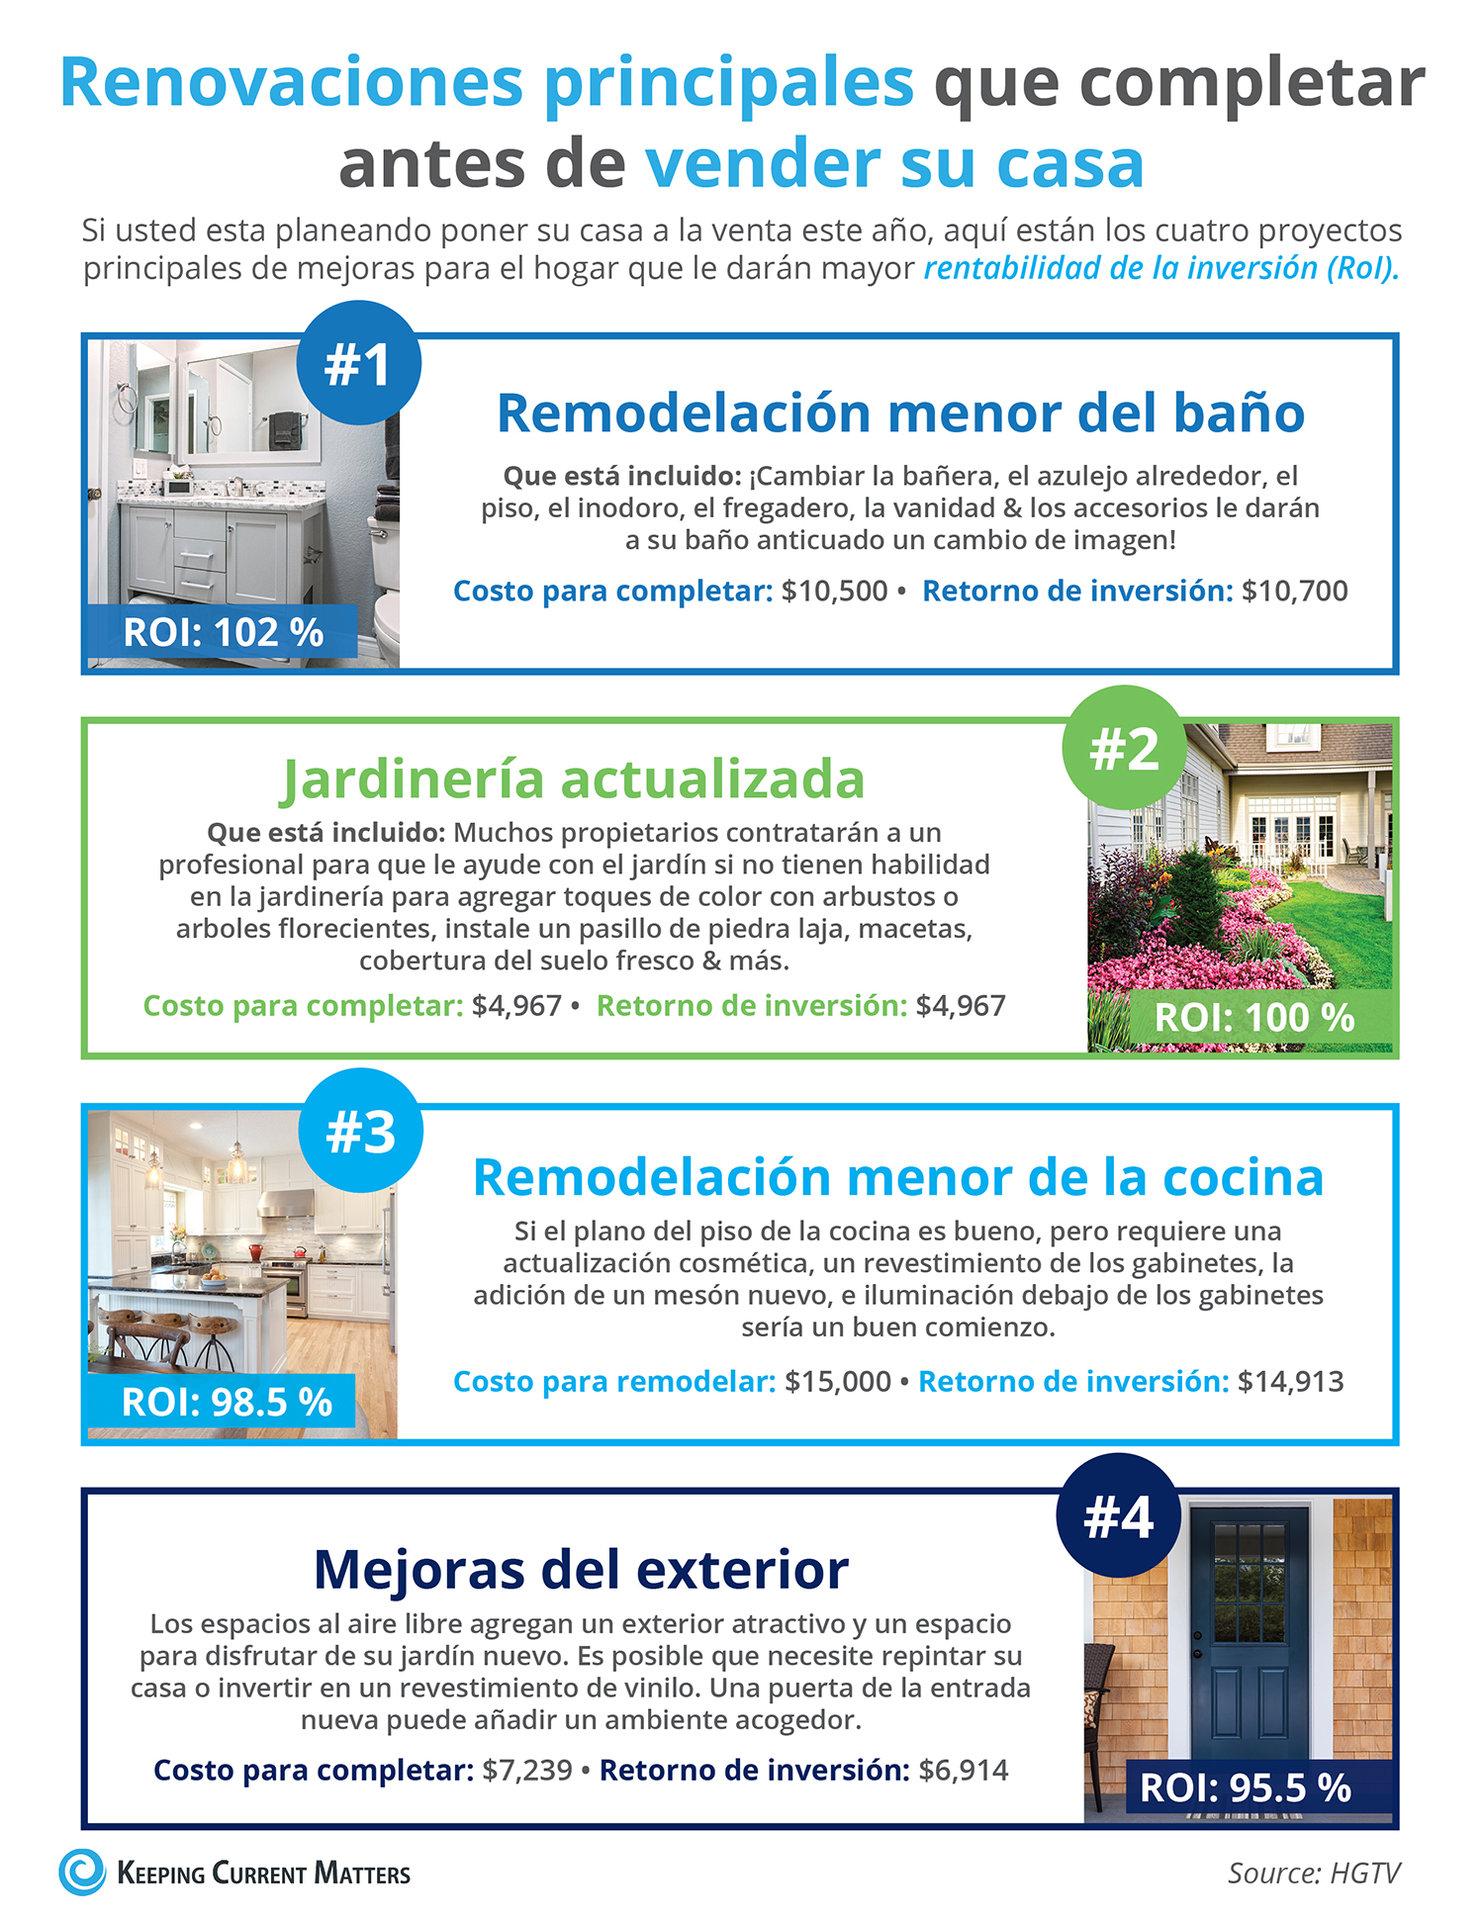 Renovaciones principales que completar antes de vender su casa [Infografía] | Keeping Current Matters